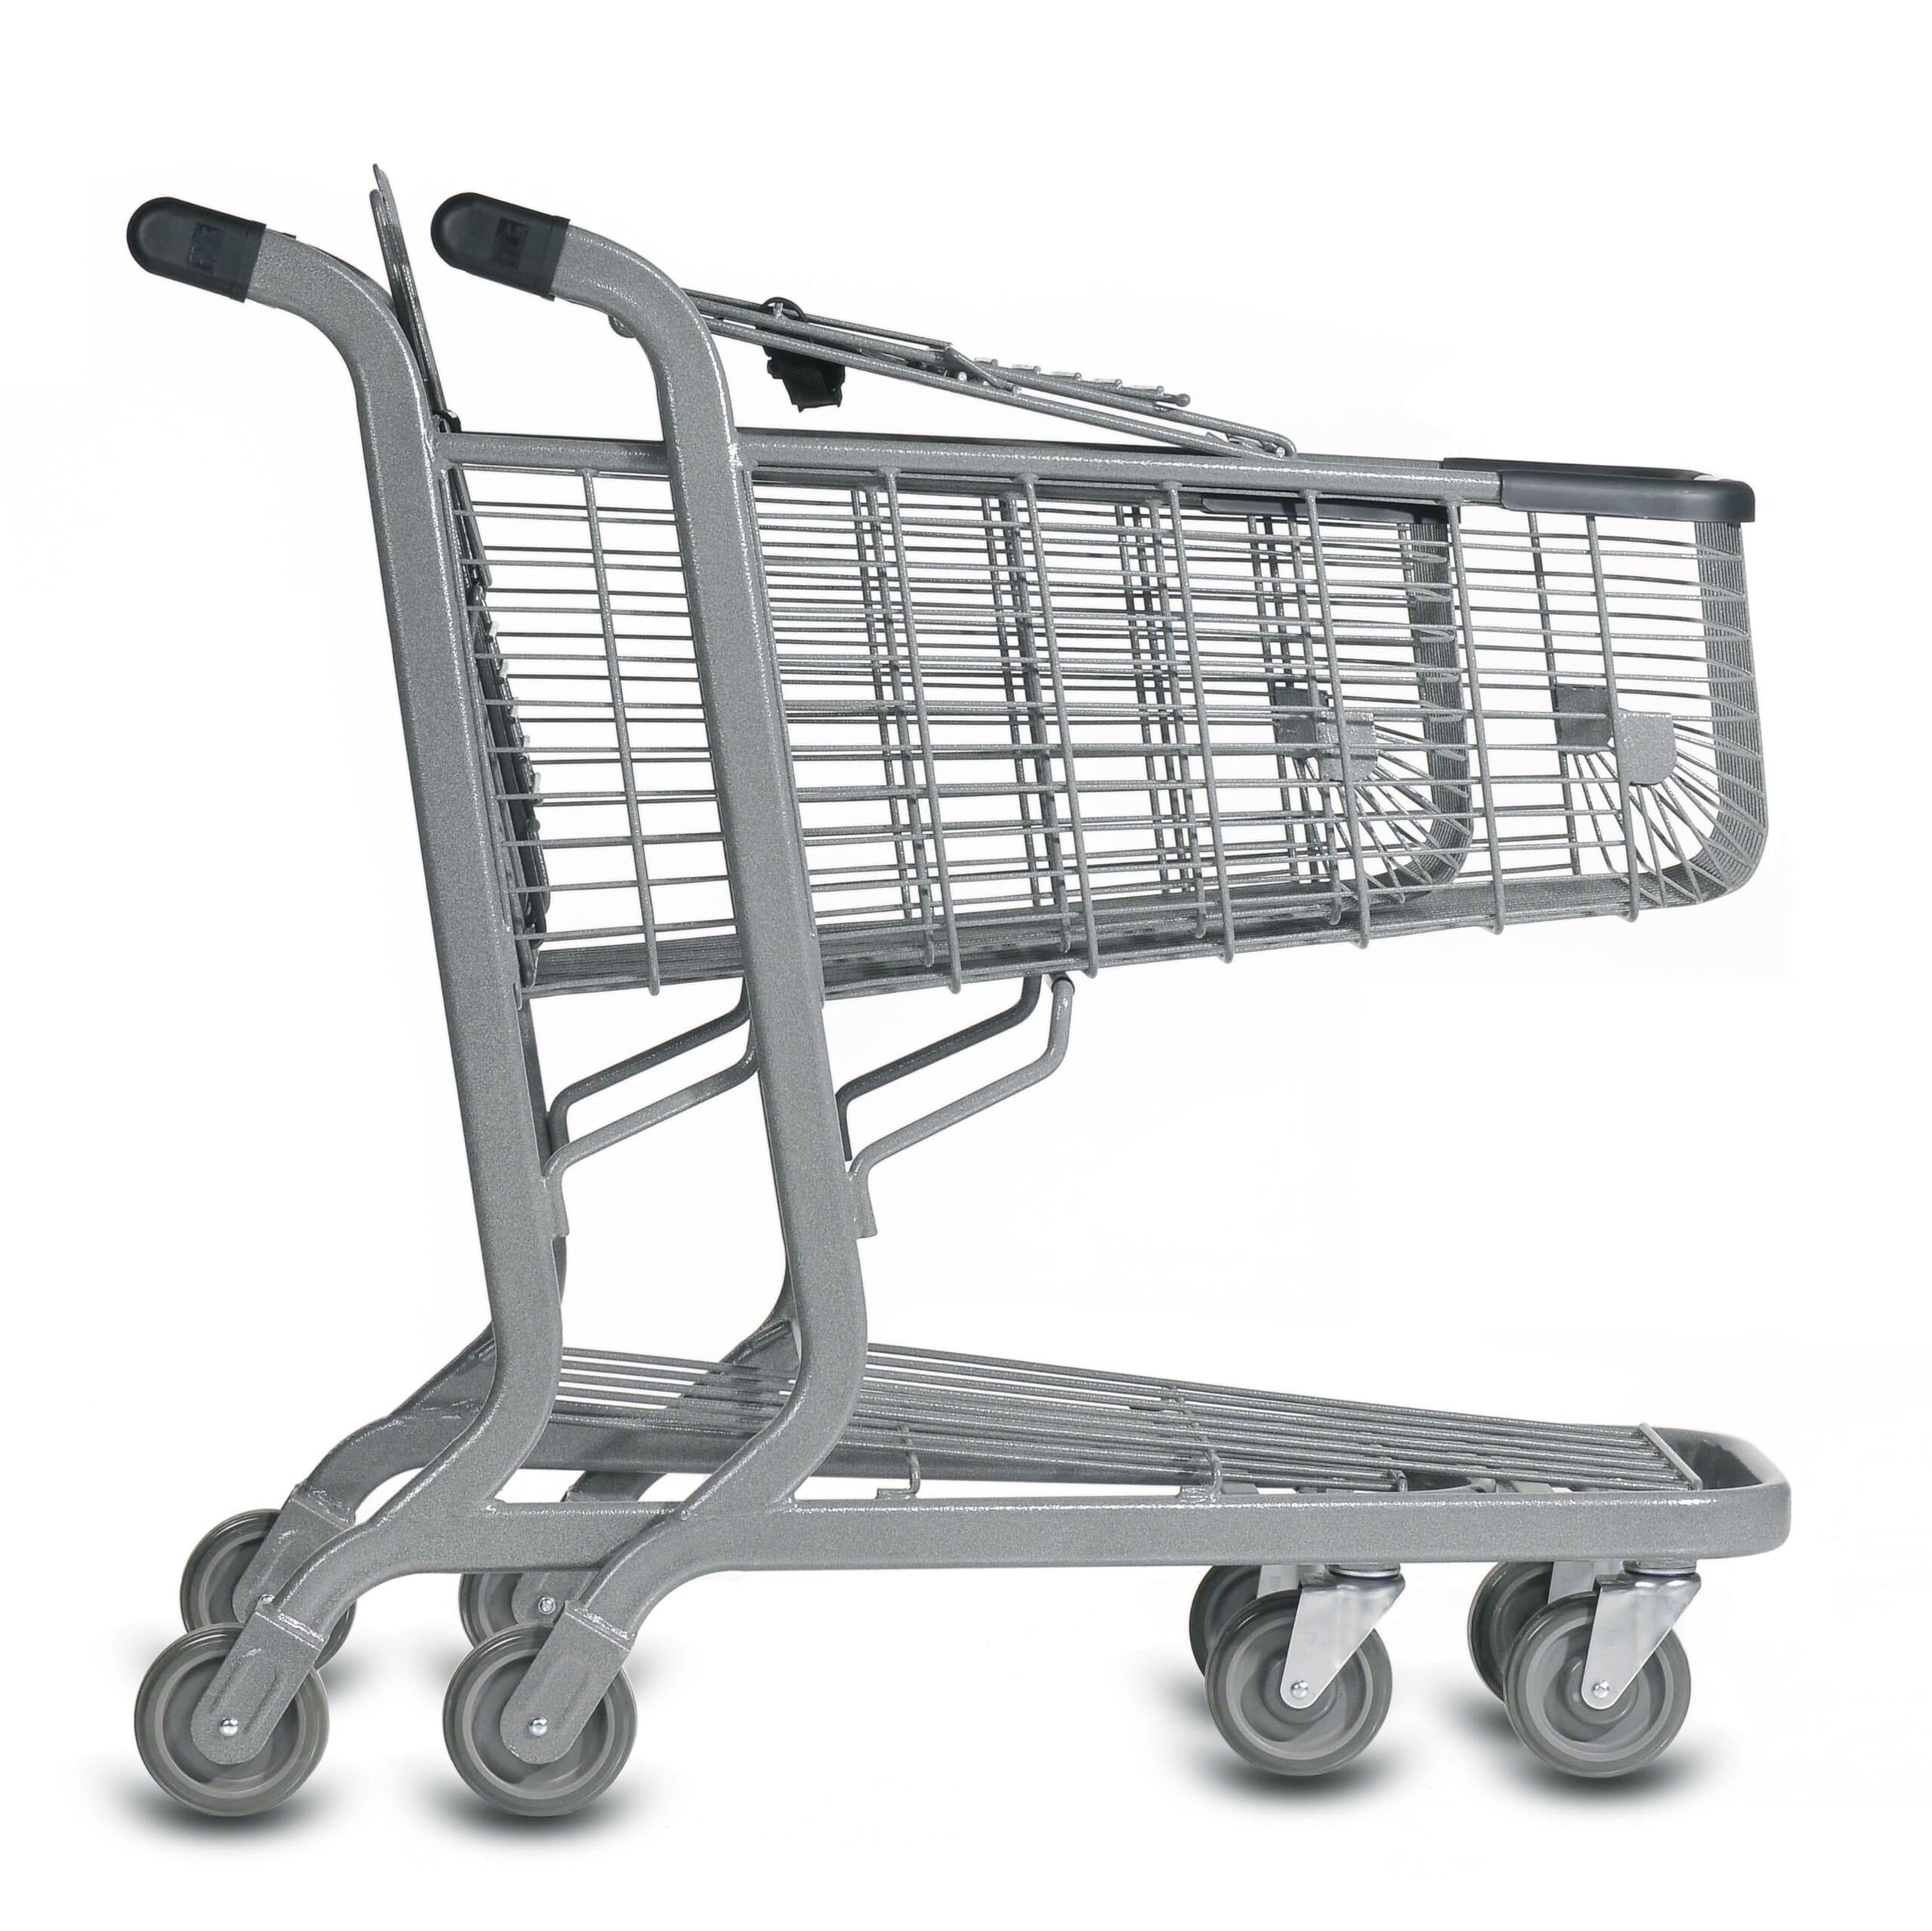 Metal Shelter Grocery Cart : E series liter wire shopping cart versacart